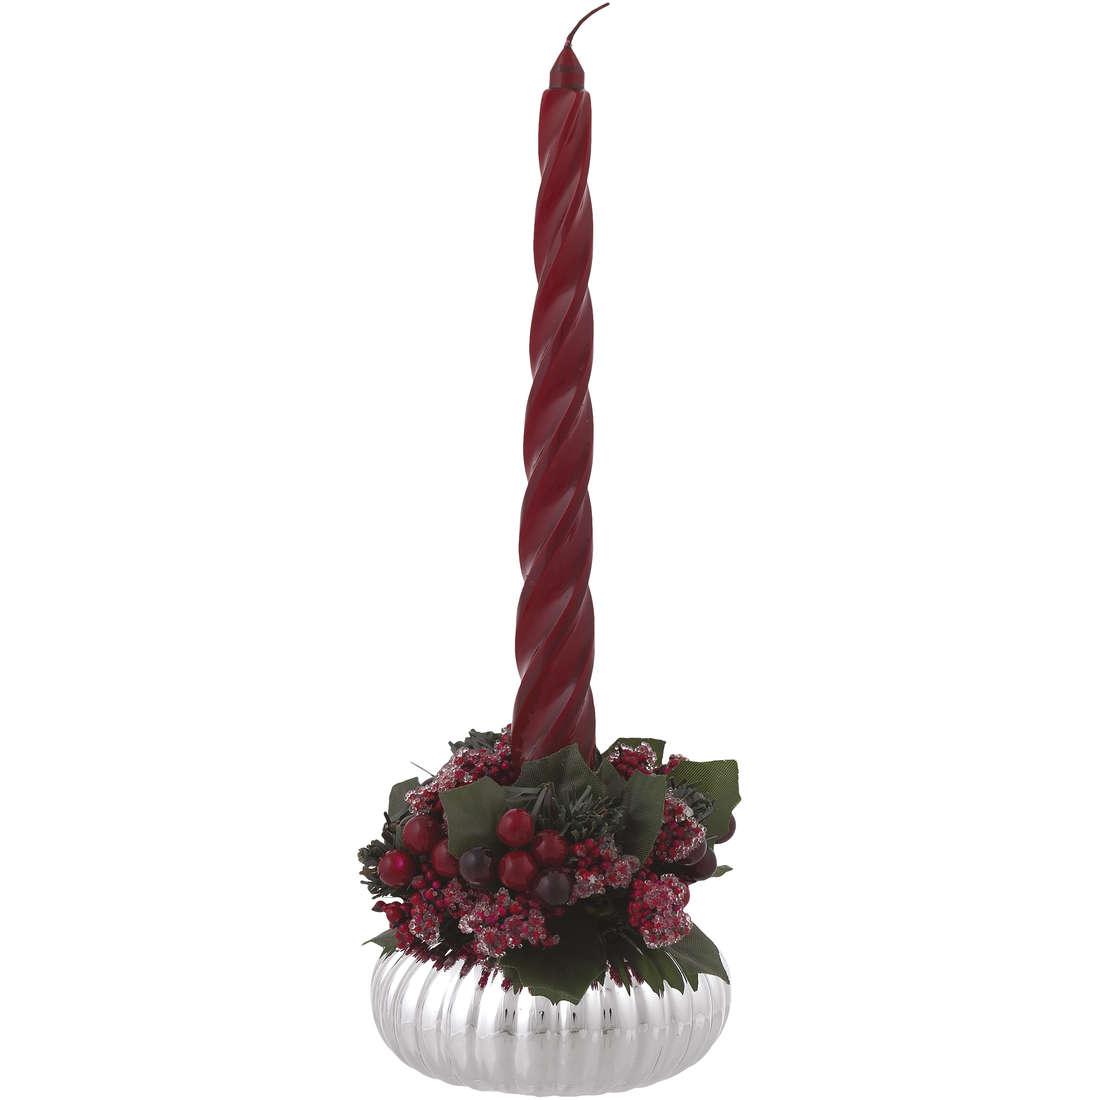 oggettistica Bagutta Natale N 8367-02